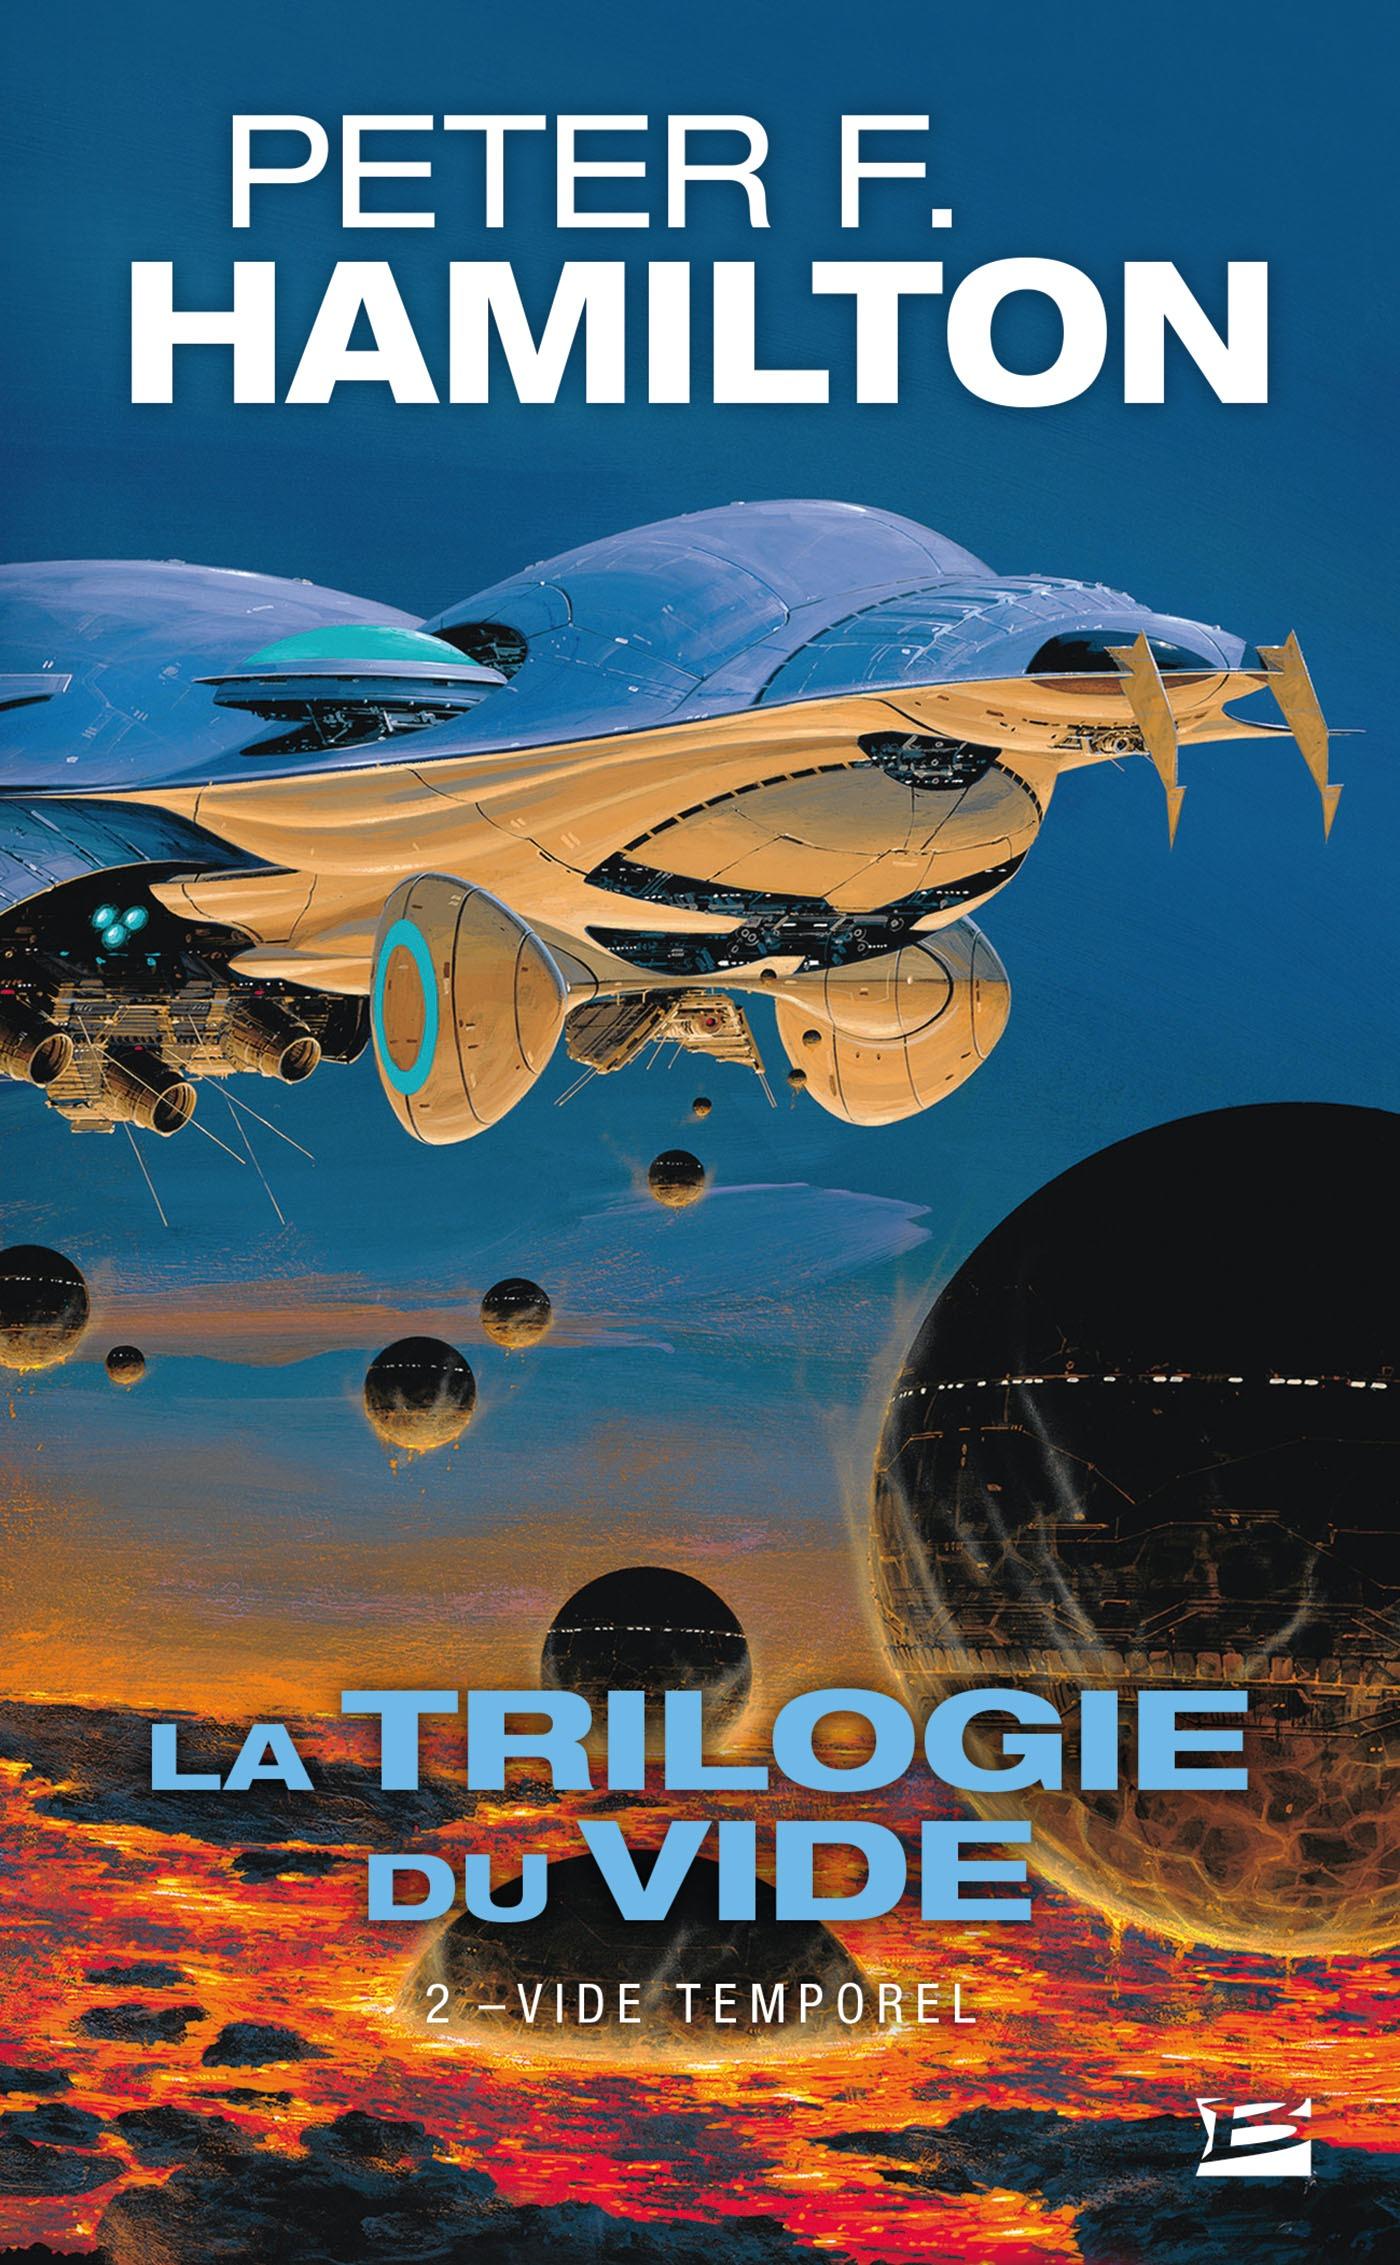 Vide temporel, LA TRILOGIE DU VIDE, T2